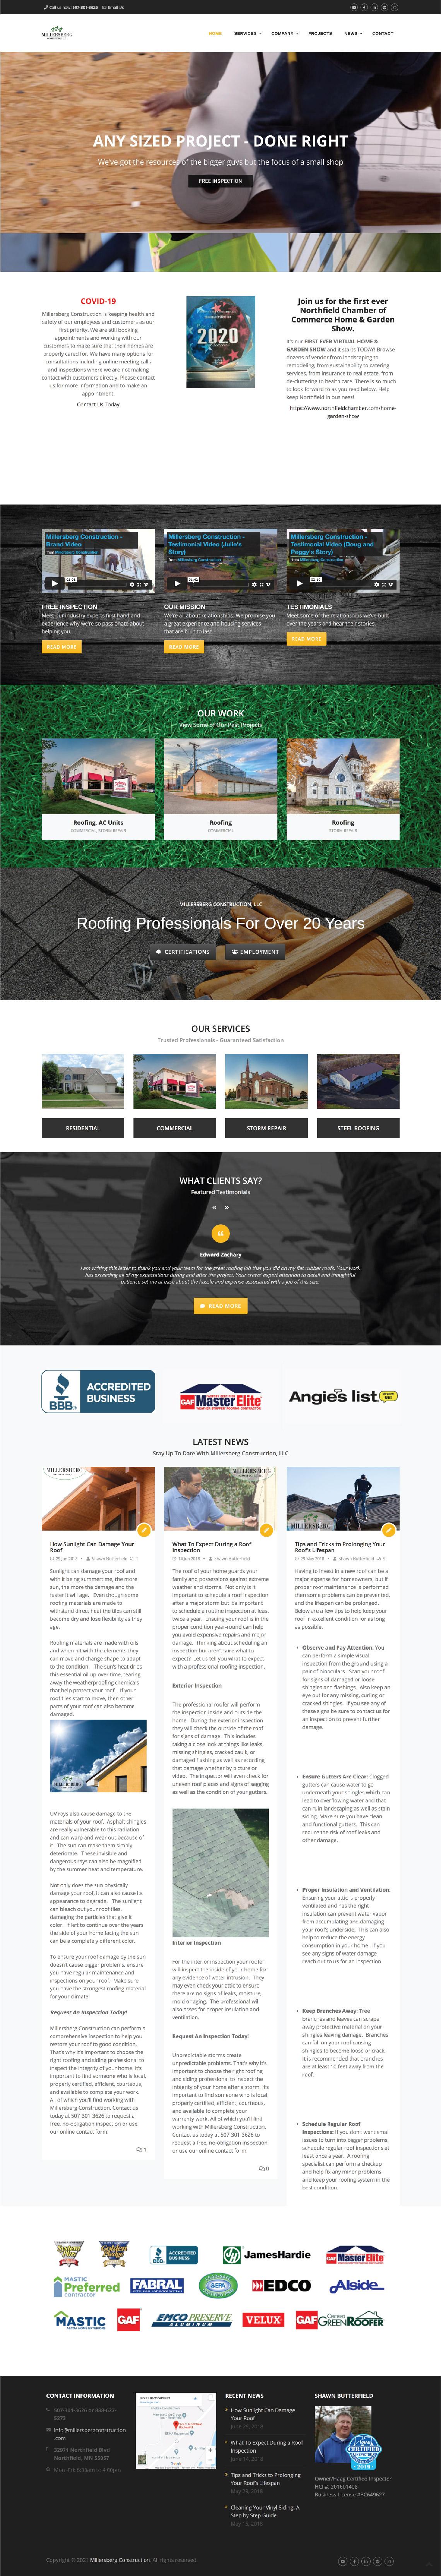 Windows and Doors Contractor Website Design Inspiration from Millersburg